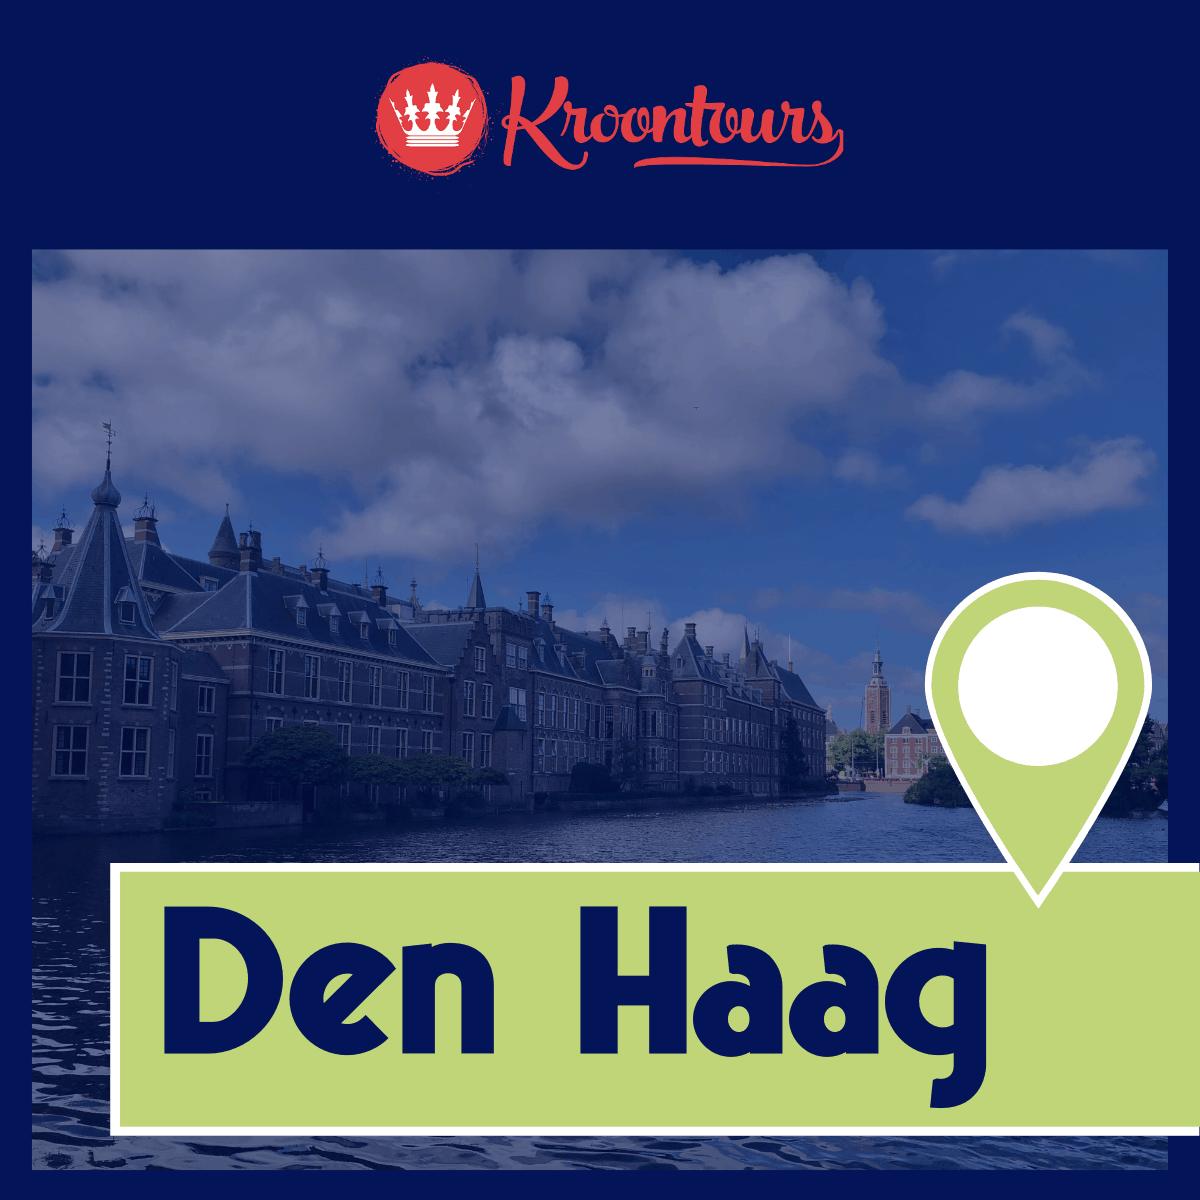 Kroontours in Den Haag